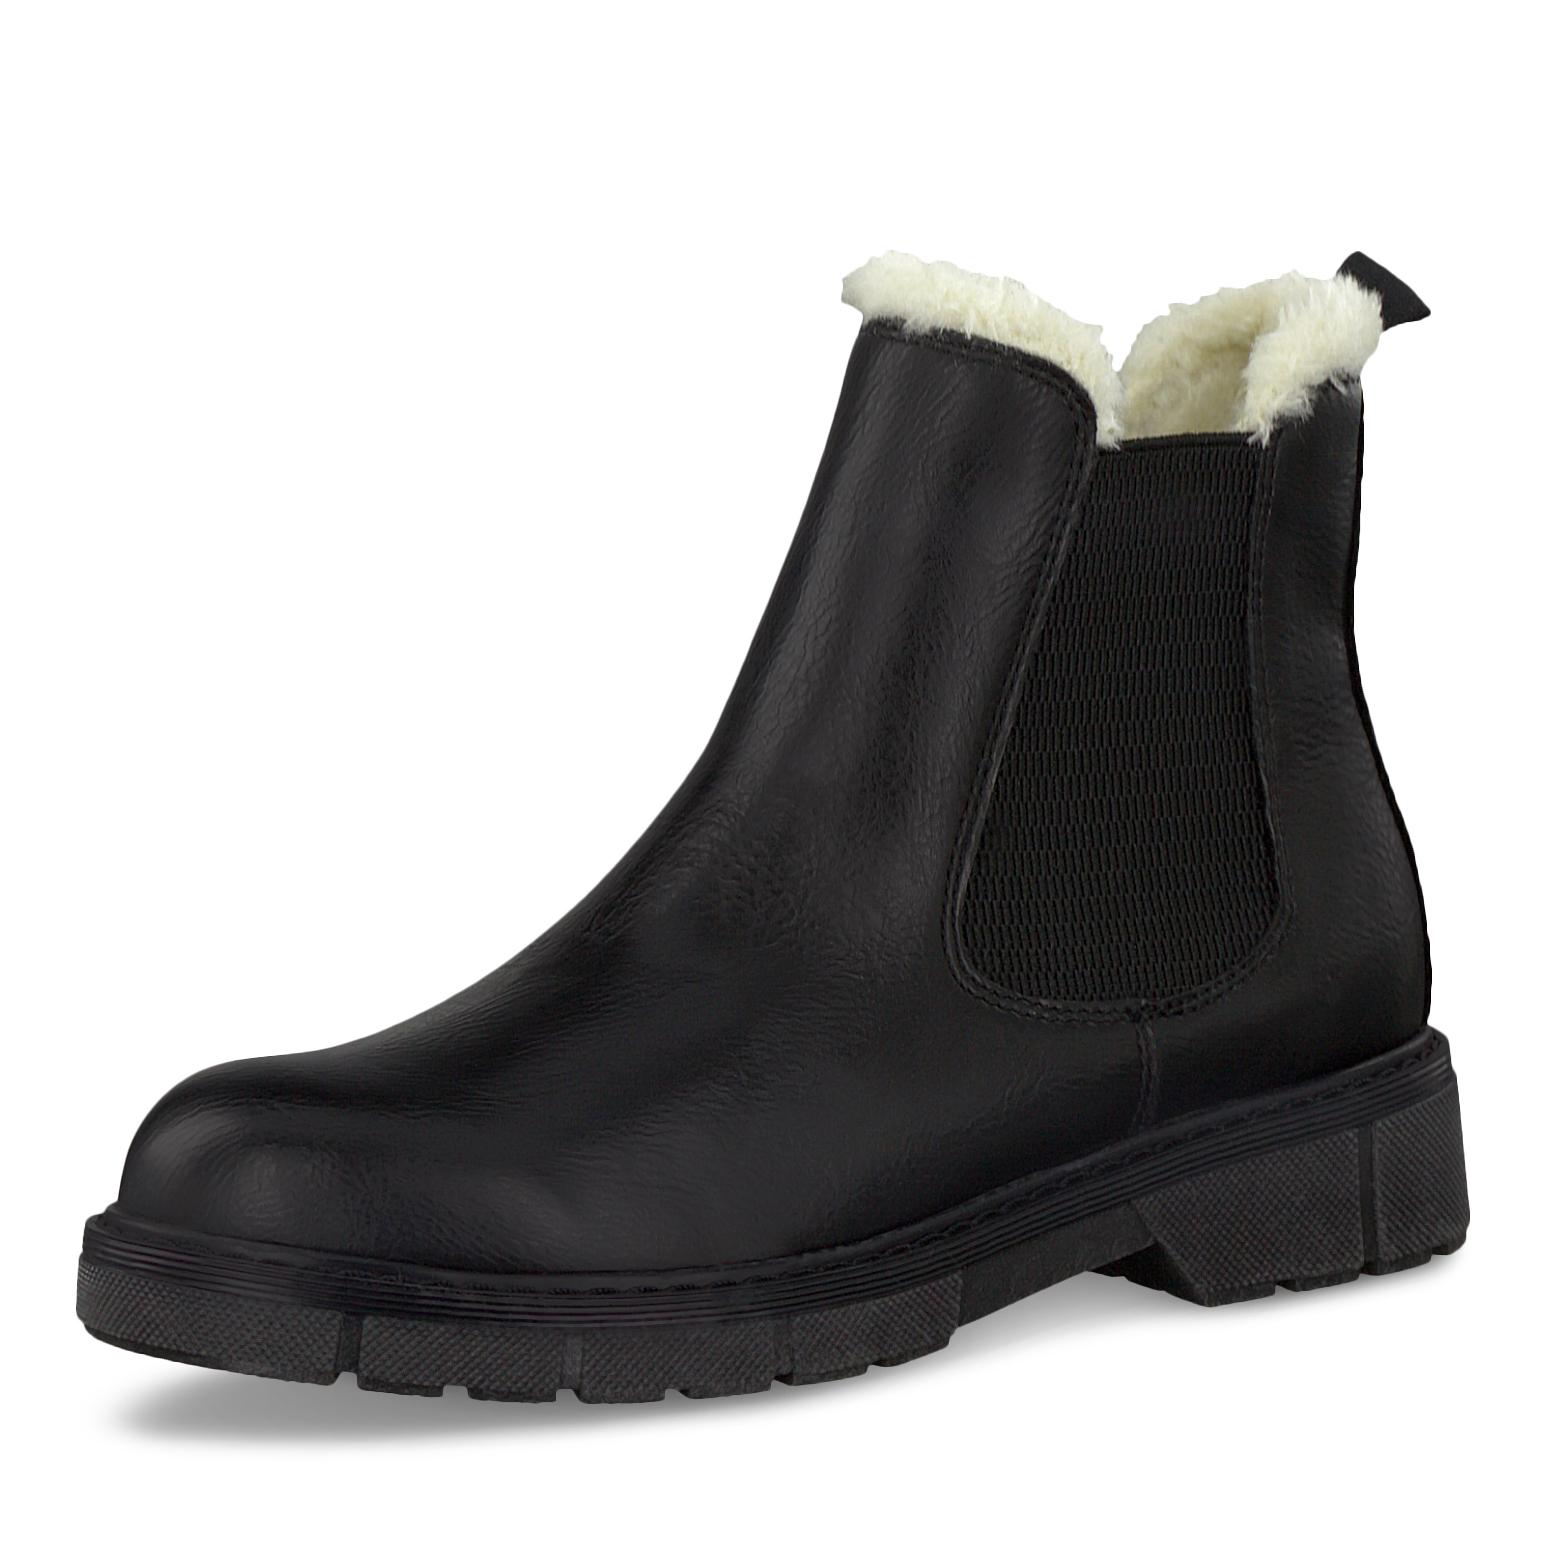 Marco Tozzi Stiefel Schwarz Größe 39, Farbe: black | real